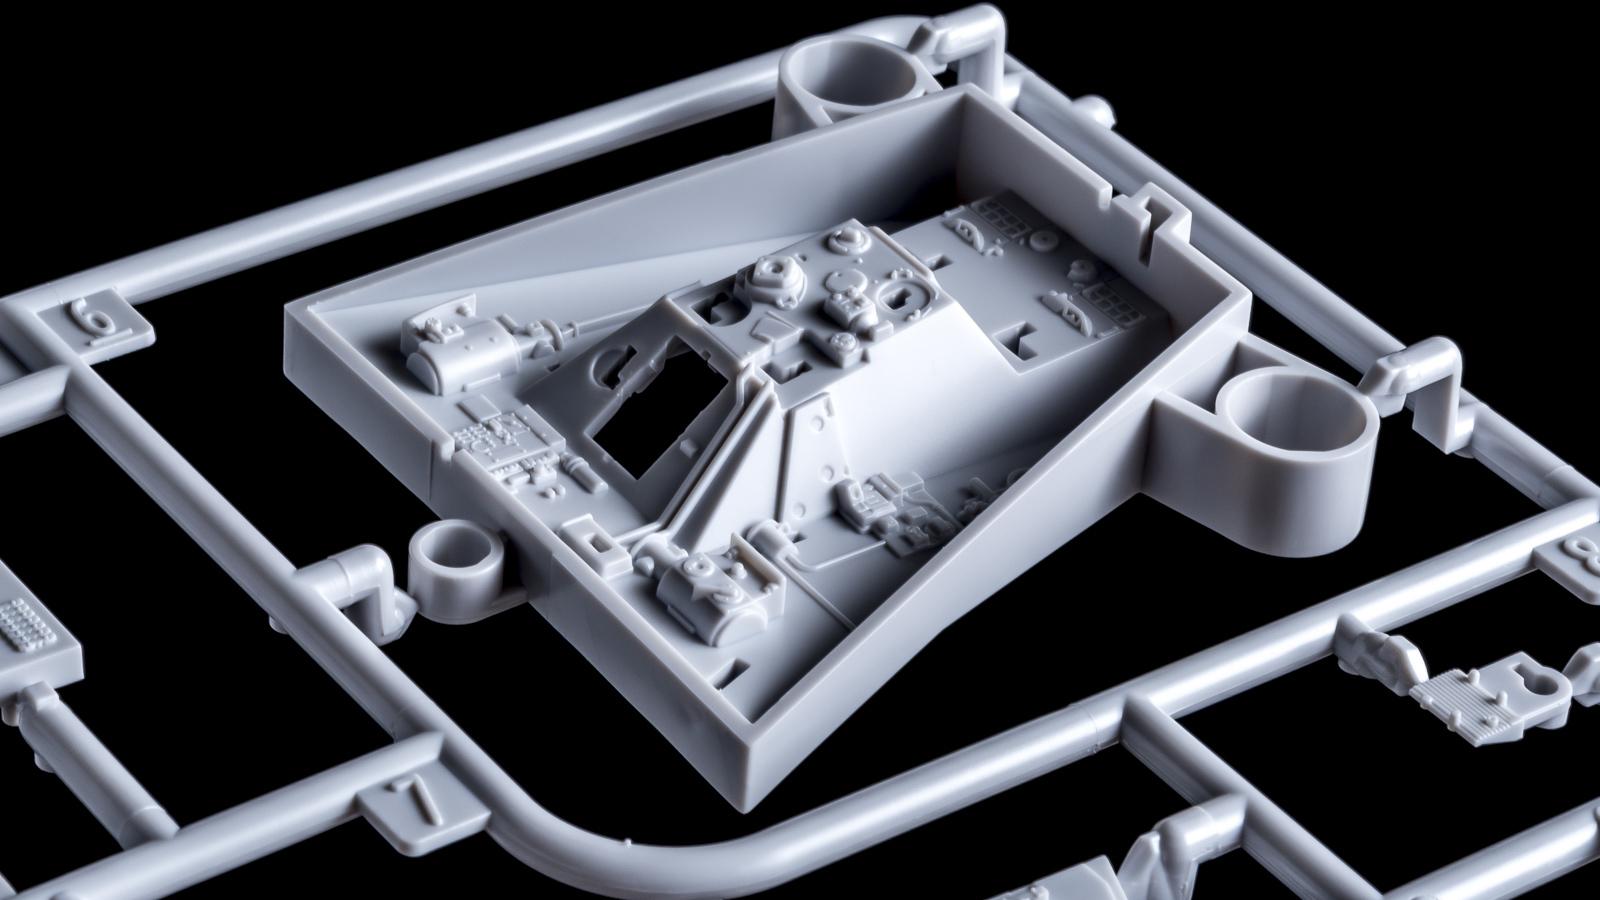 """「模型で作った模型の模型」、バンダイのミレニアムファルコンが持つ\""""パーフェクト\""""の意味【前編】_b0029315_23512169.jpg"""